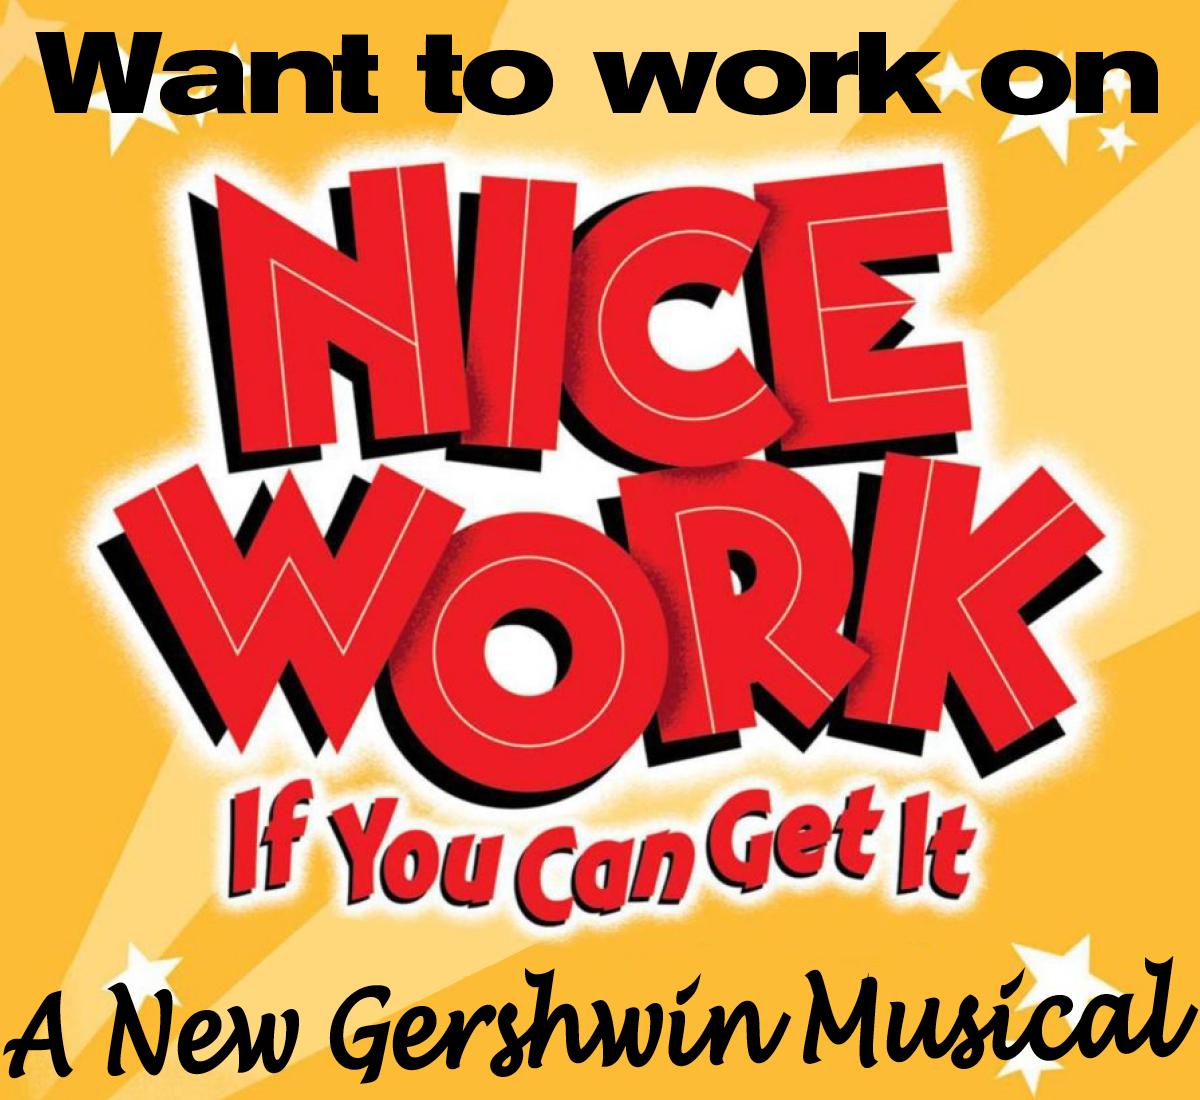 NiceWorkAngelDonorwebpage.png